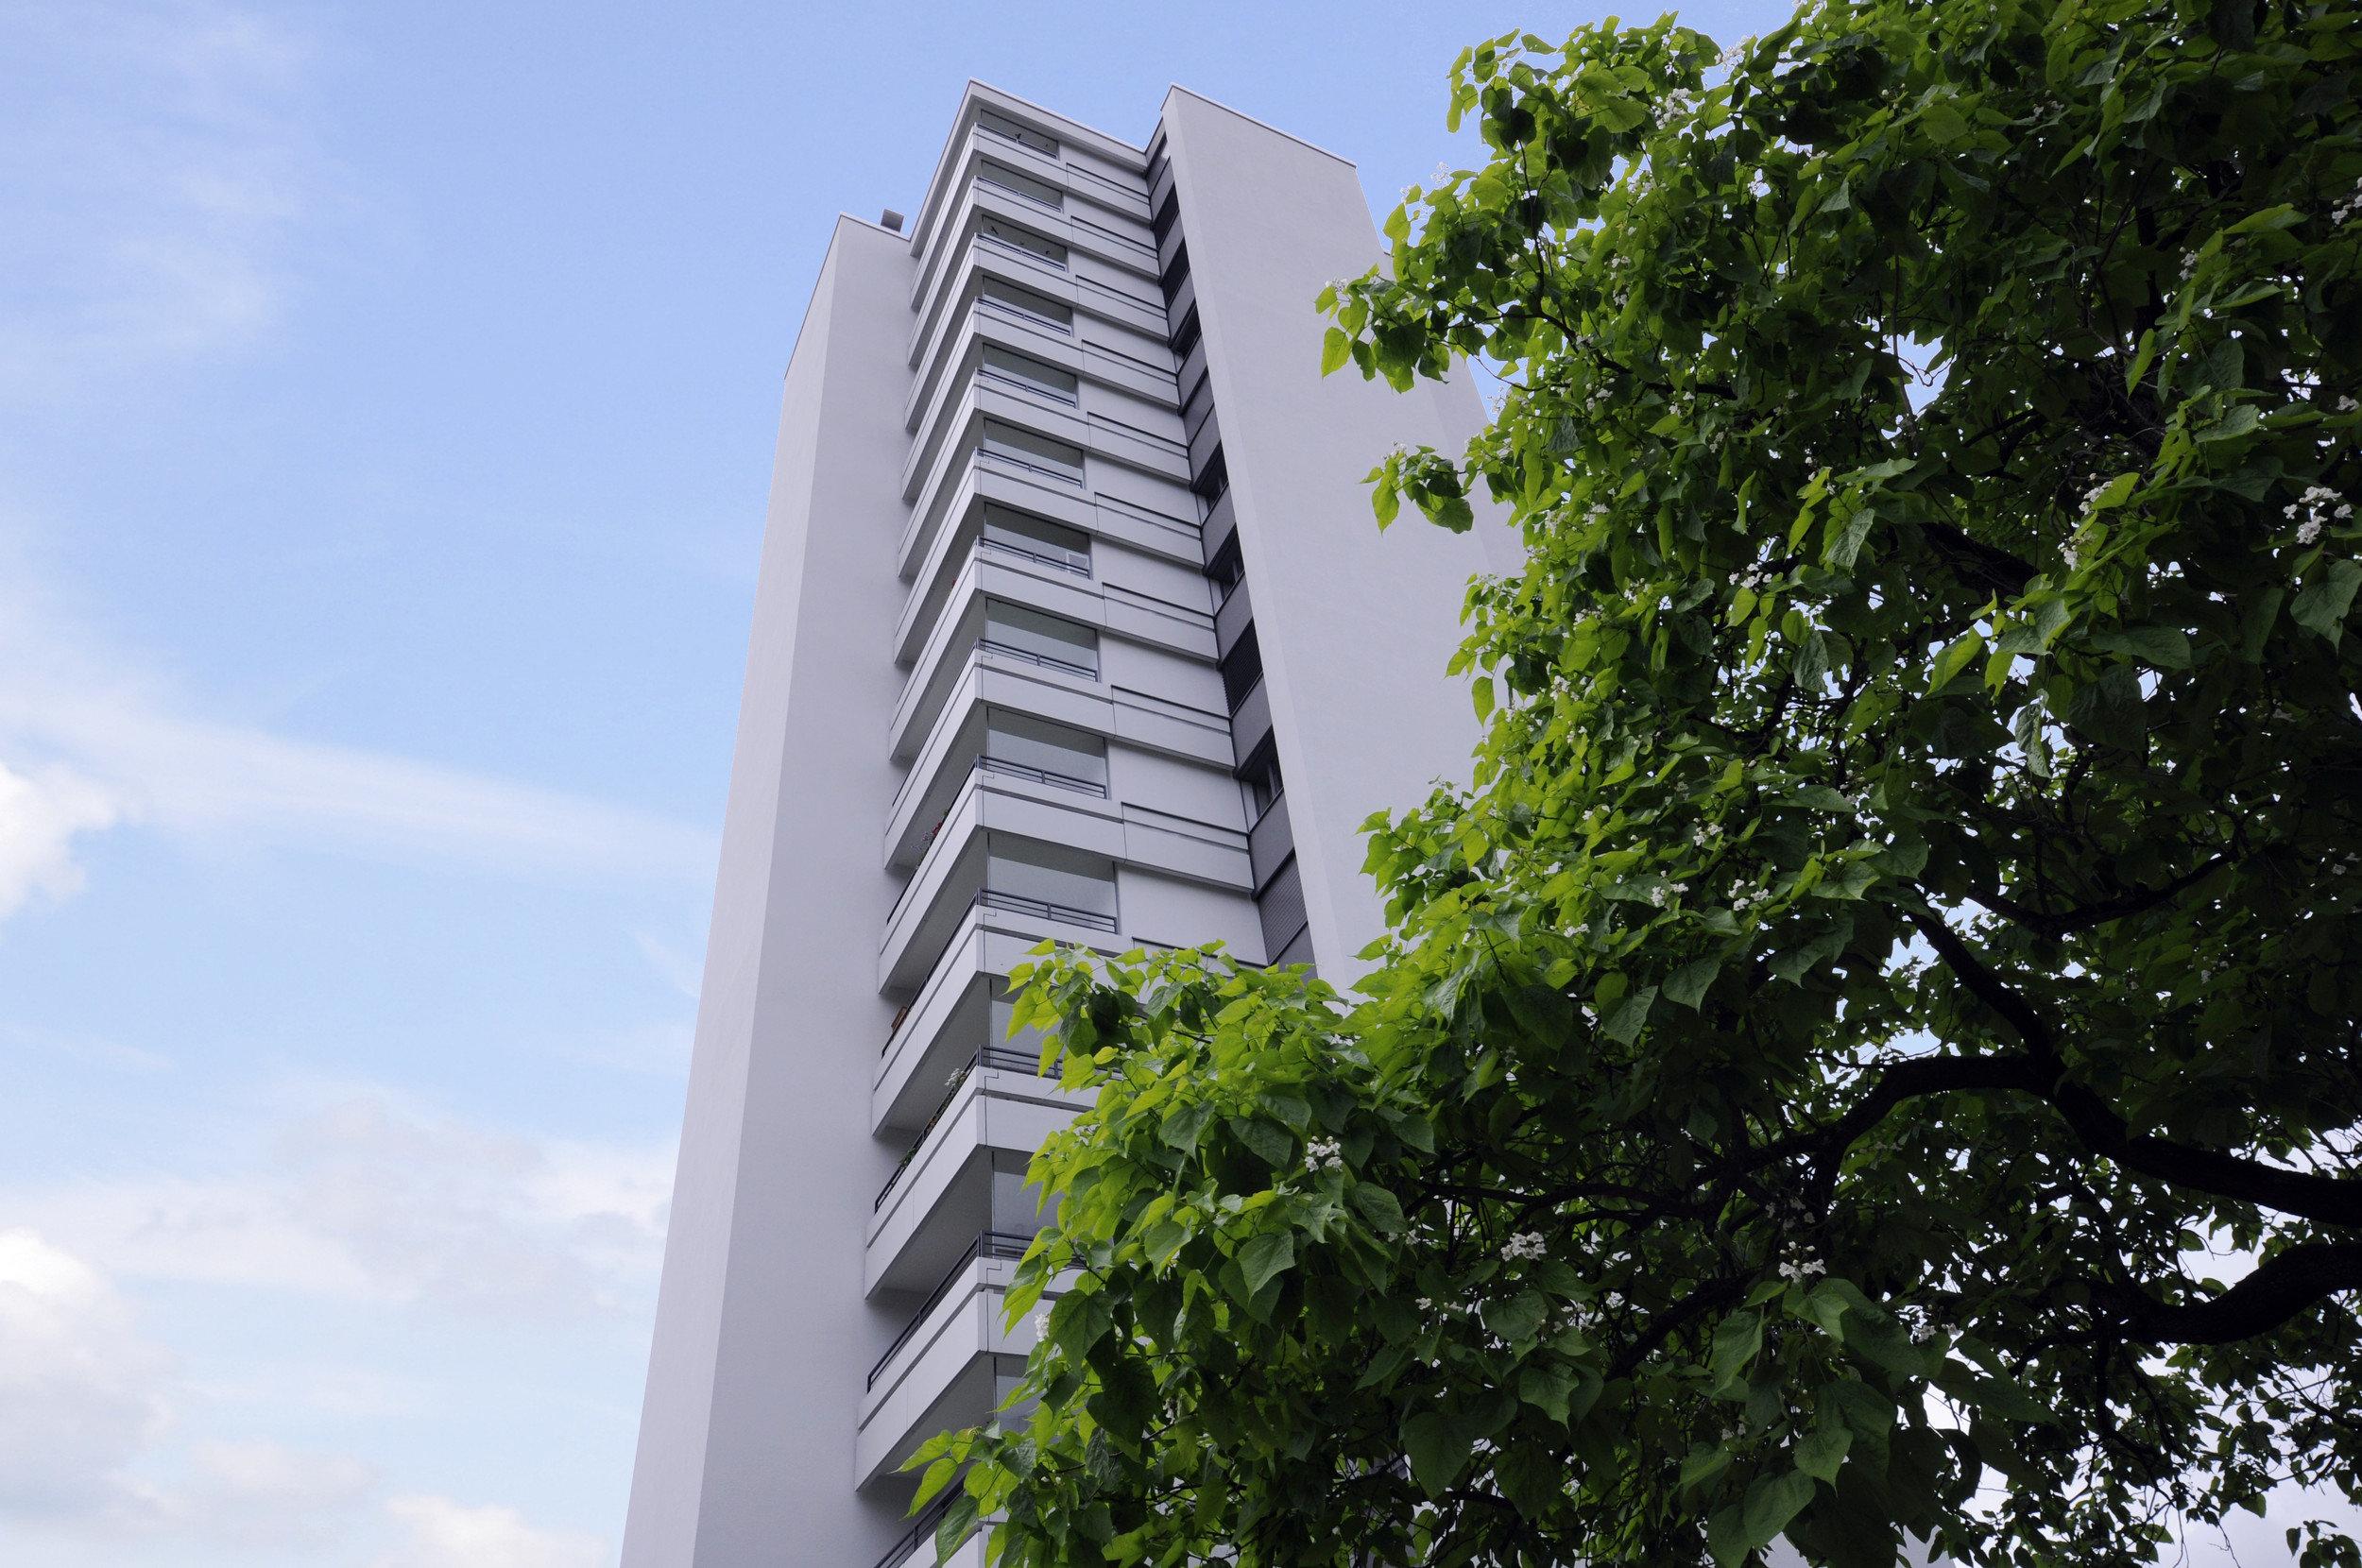 Hochhaus mit herausstehenden Balkonen auf jedem Stockwerk